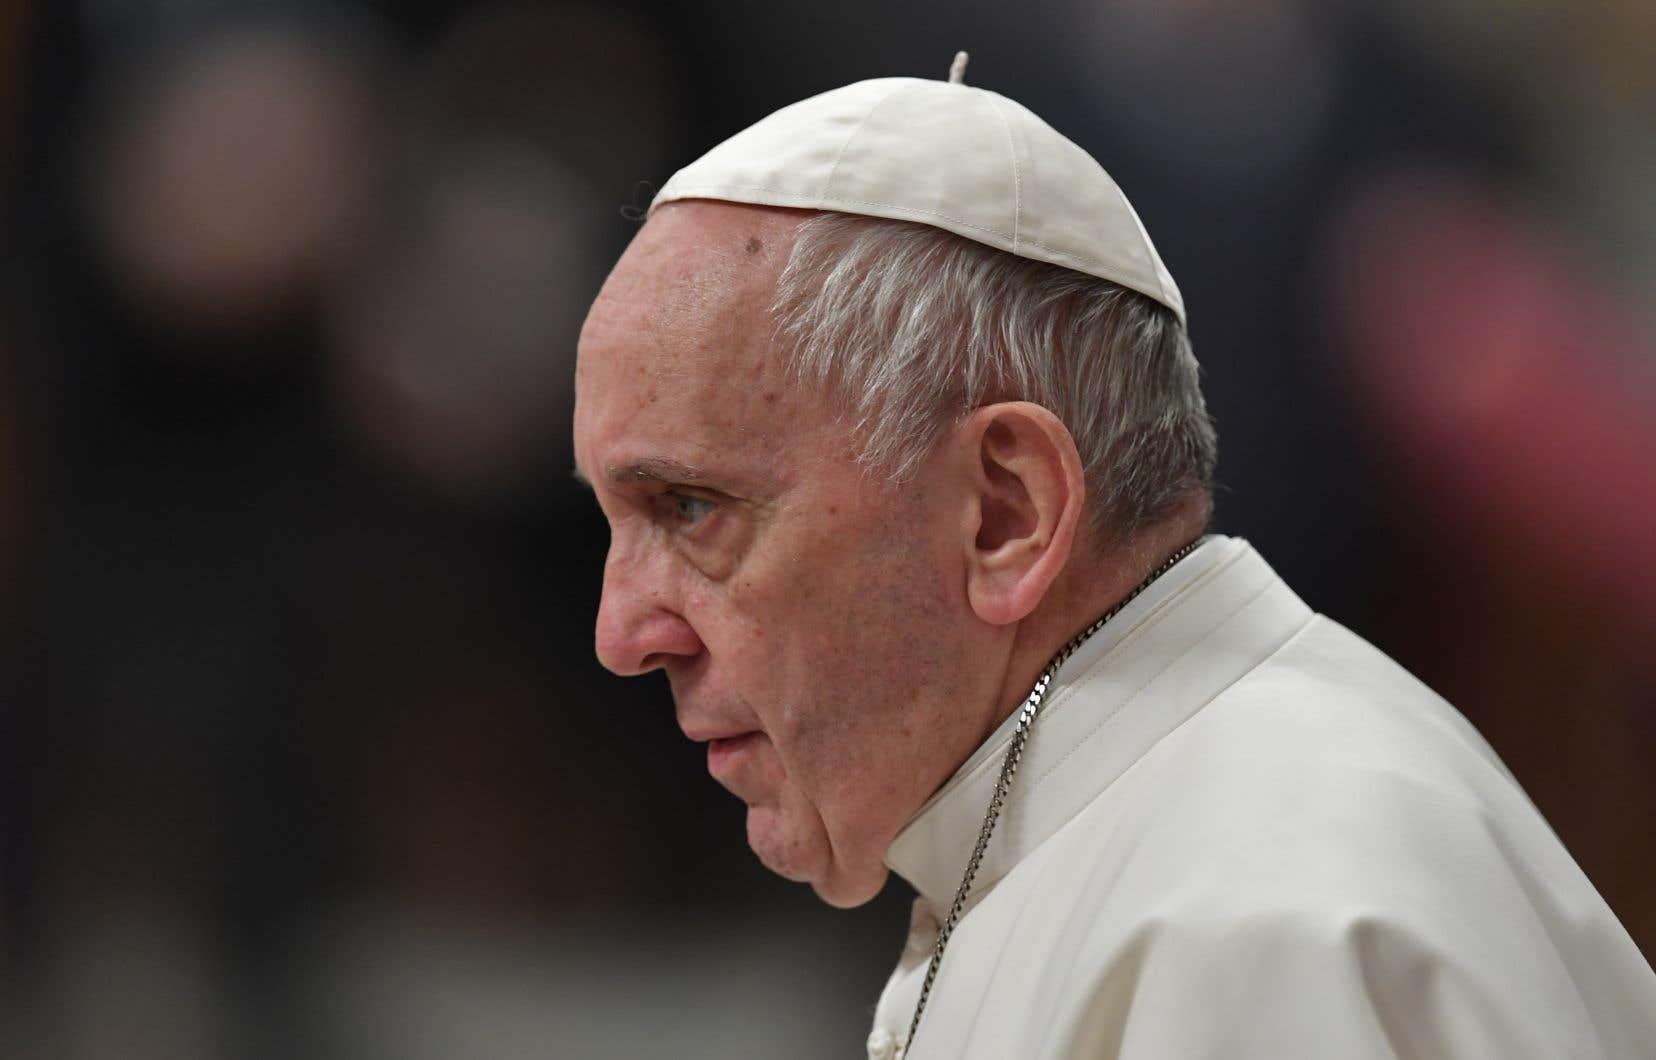 Les cinq premières années de la papauté de François ont présenté un nouveau type de pape.